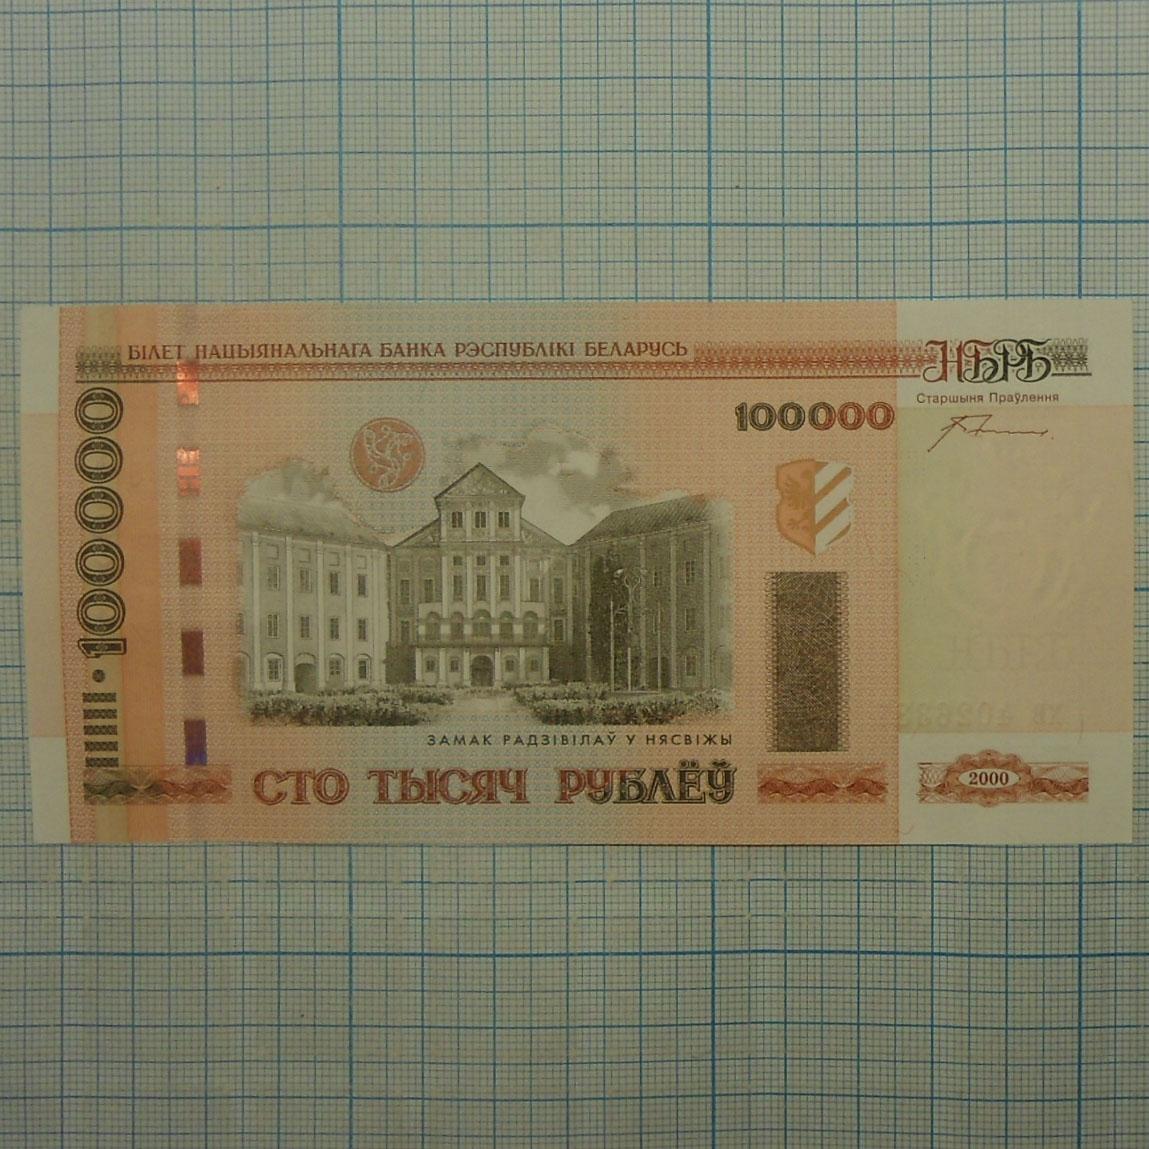 Стоимость Бумажных Банкнот Г Беларусь 2000 Год